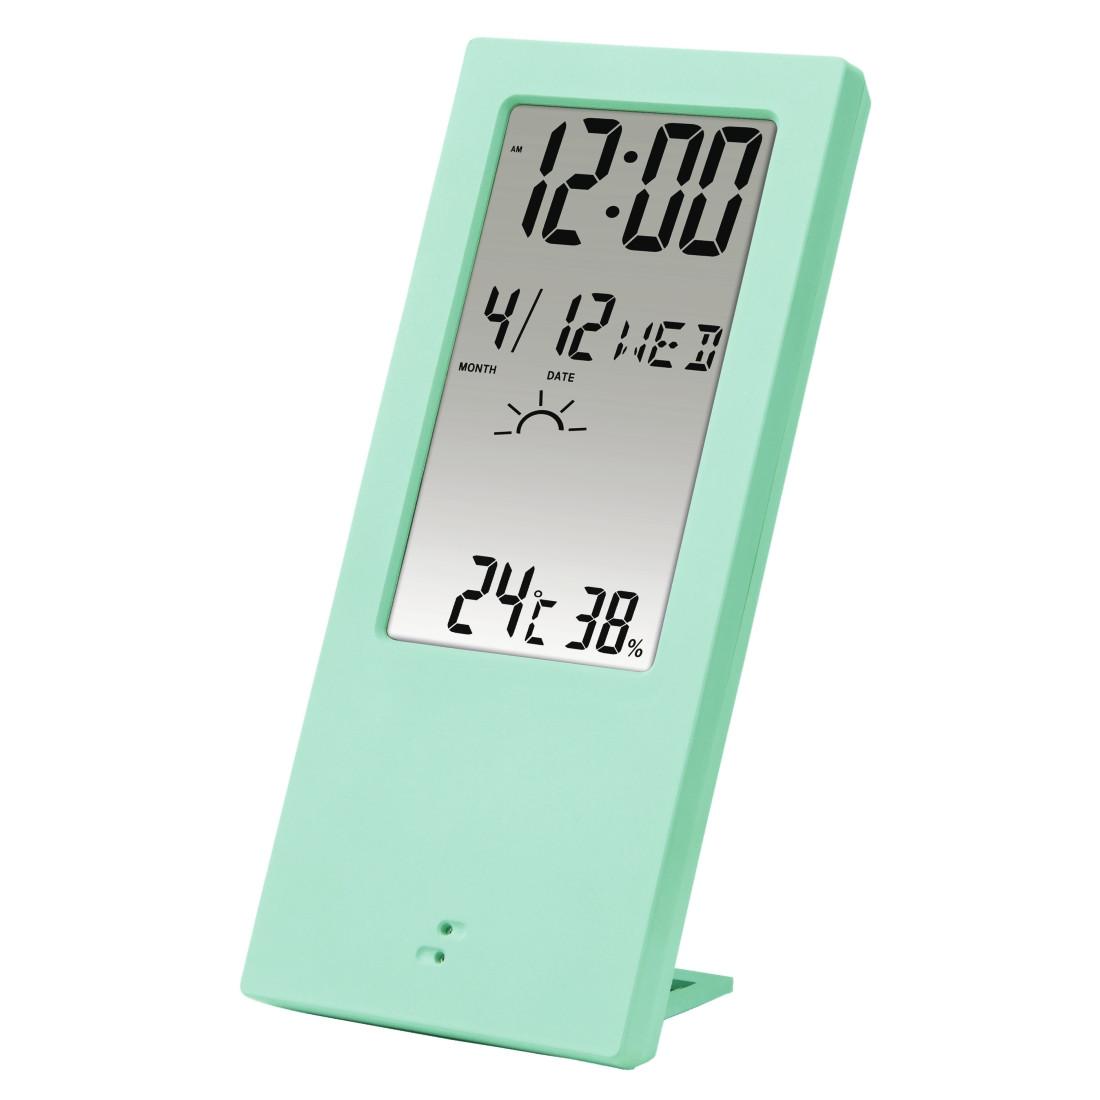 Термометр/гигрометр HAMA TH 140 с индикатором погоды mint артикул 00176916